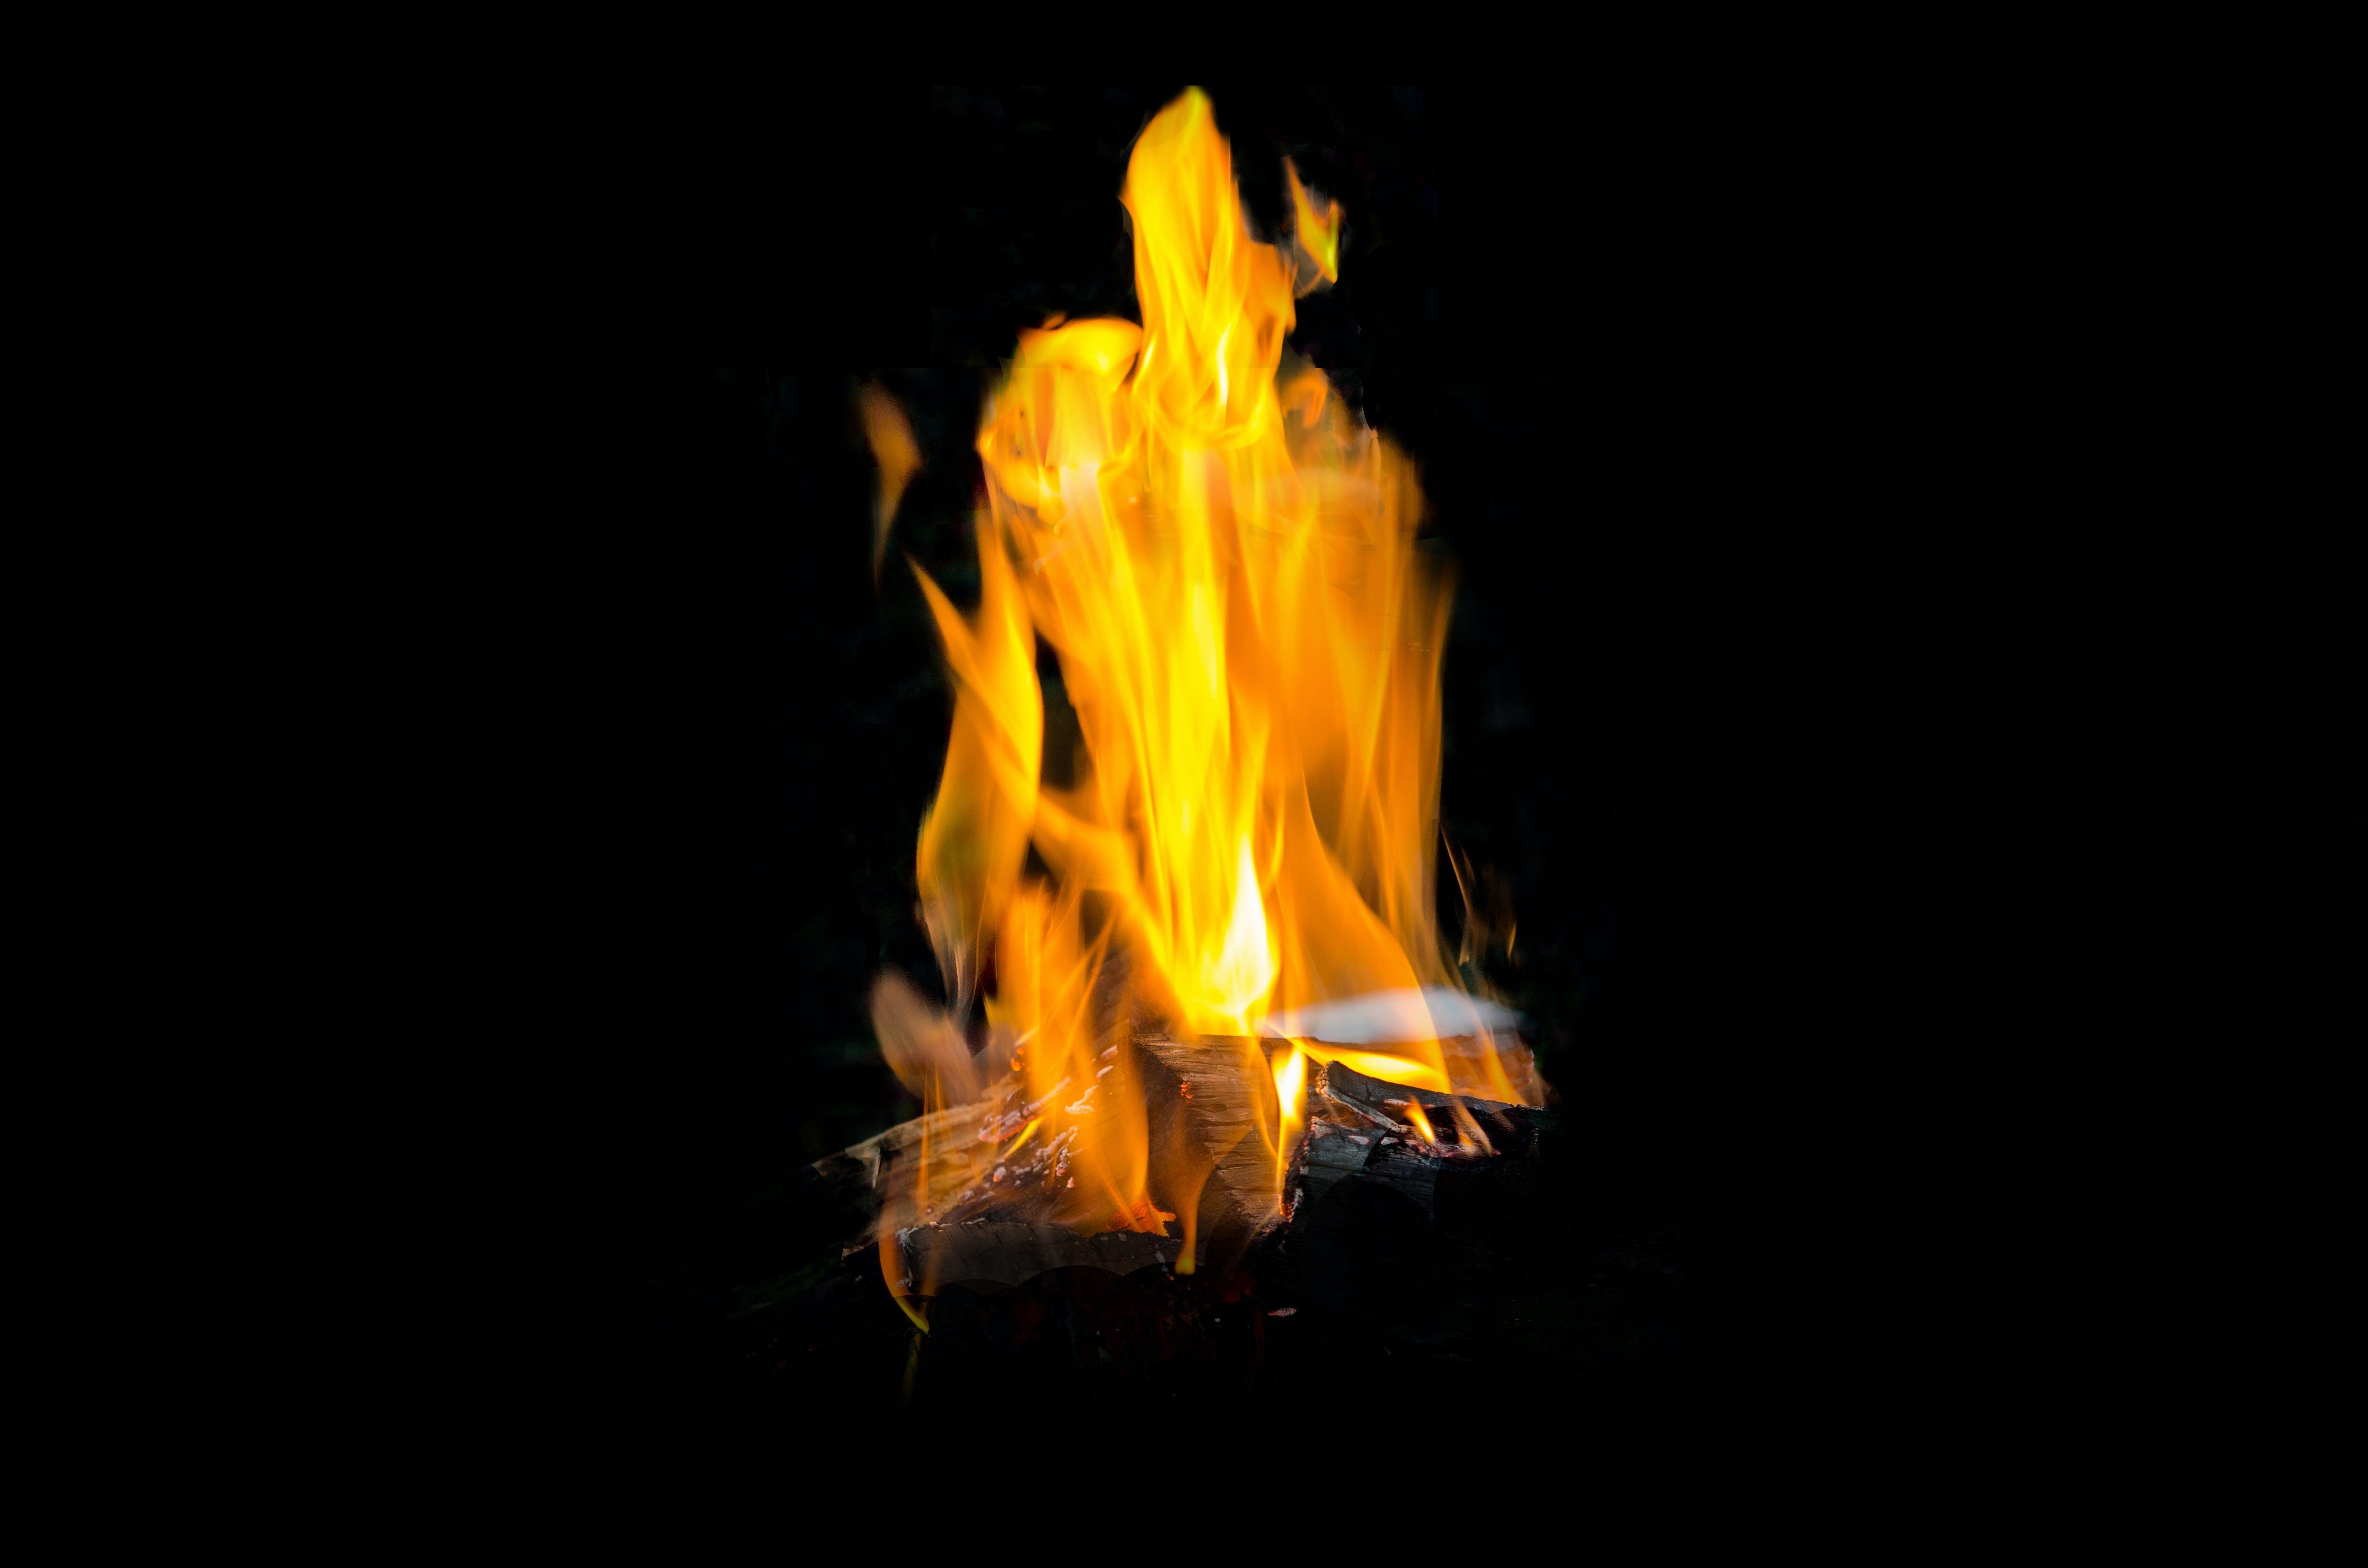 Gratis lagerfoto af antænde, aske, bål, brand